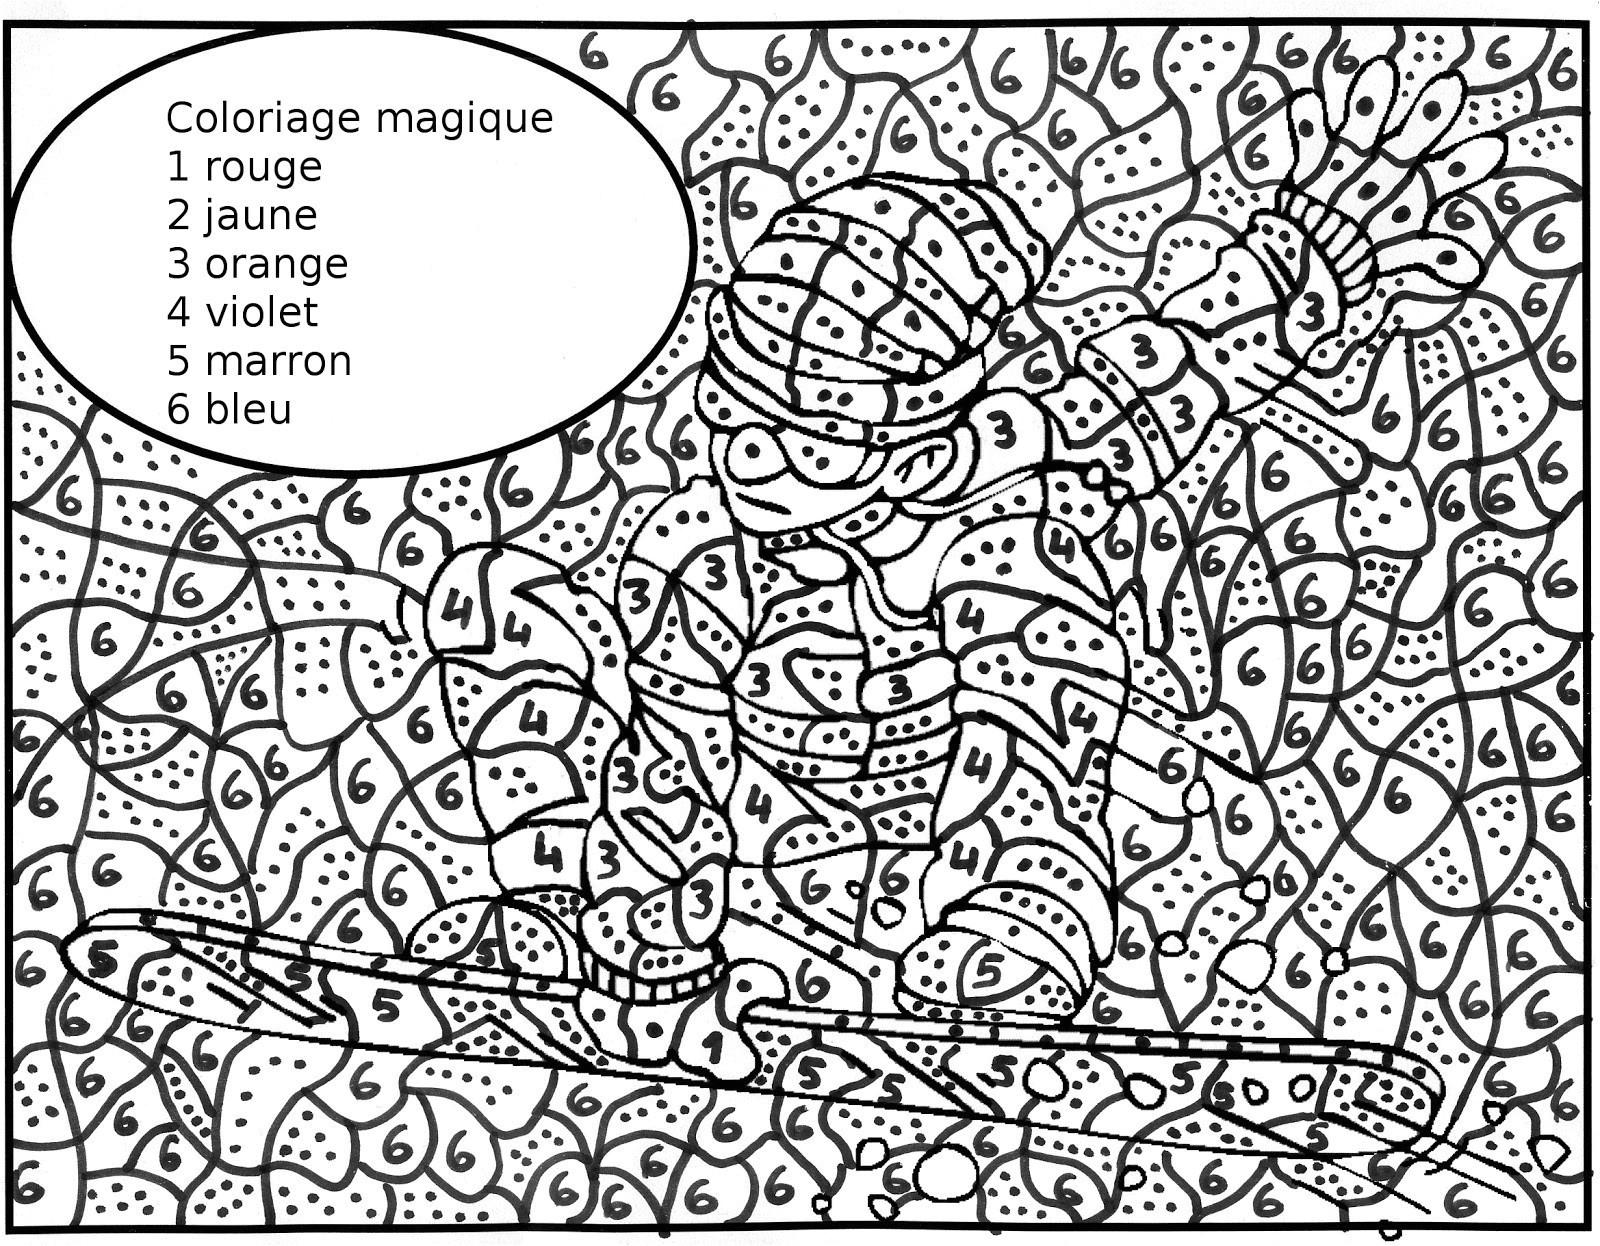 Coloriage Magique Pour Adulte A Imprimer | Coloriages À serapportantà Dessin A Imprimer Pour Adulte